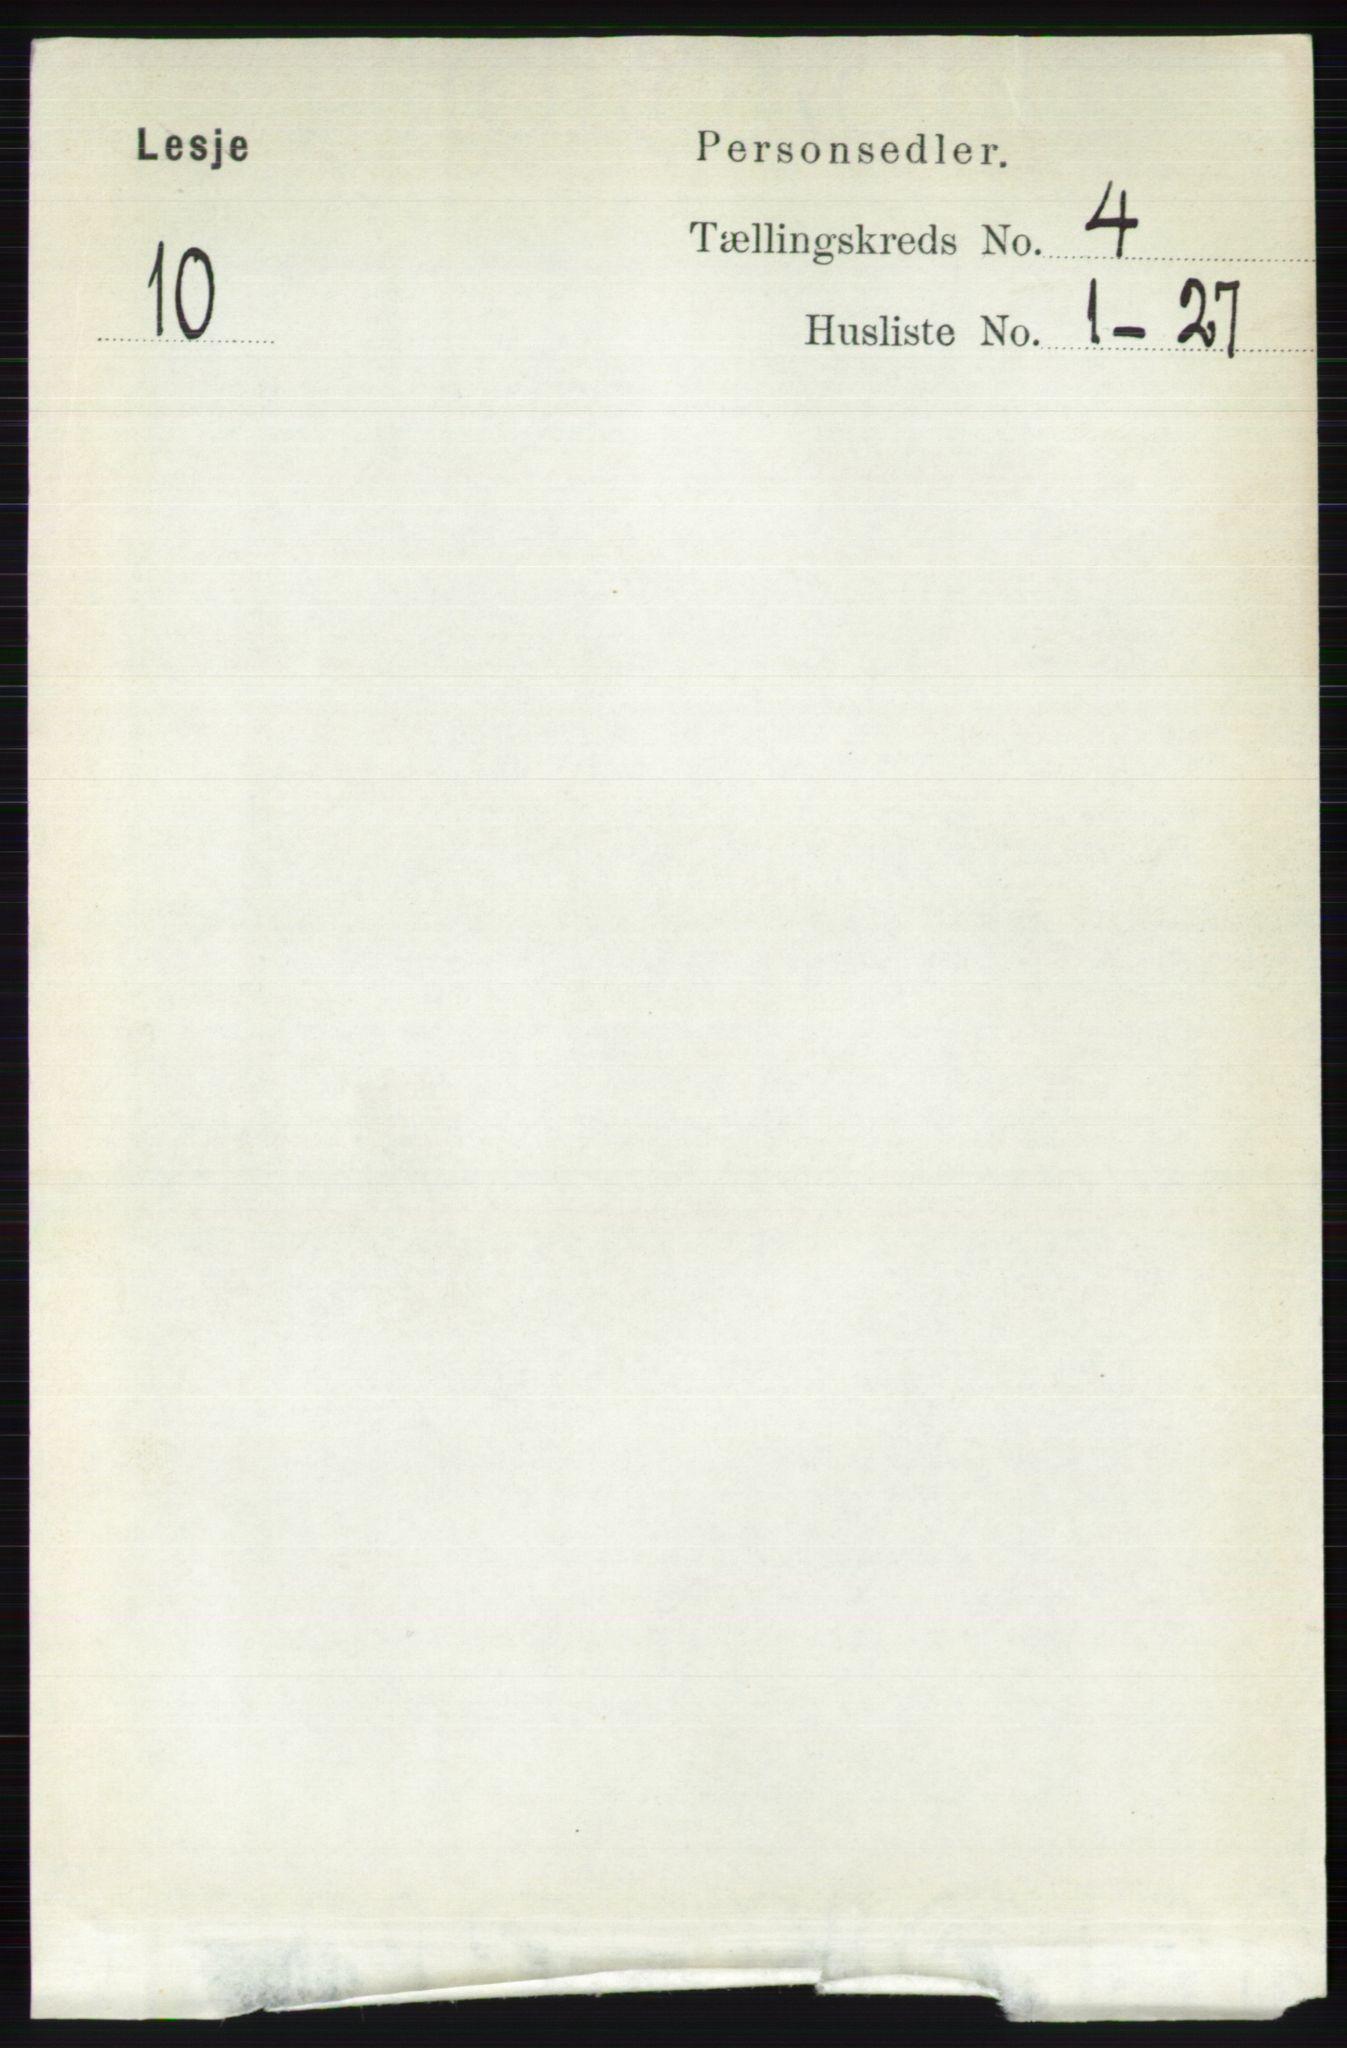 RA, Folketelling 1891 for 0512 Lesja herred, 1891, s. 1092